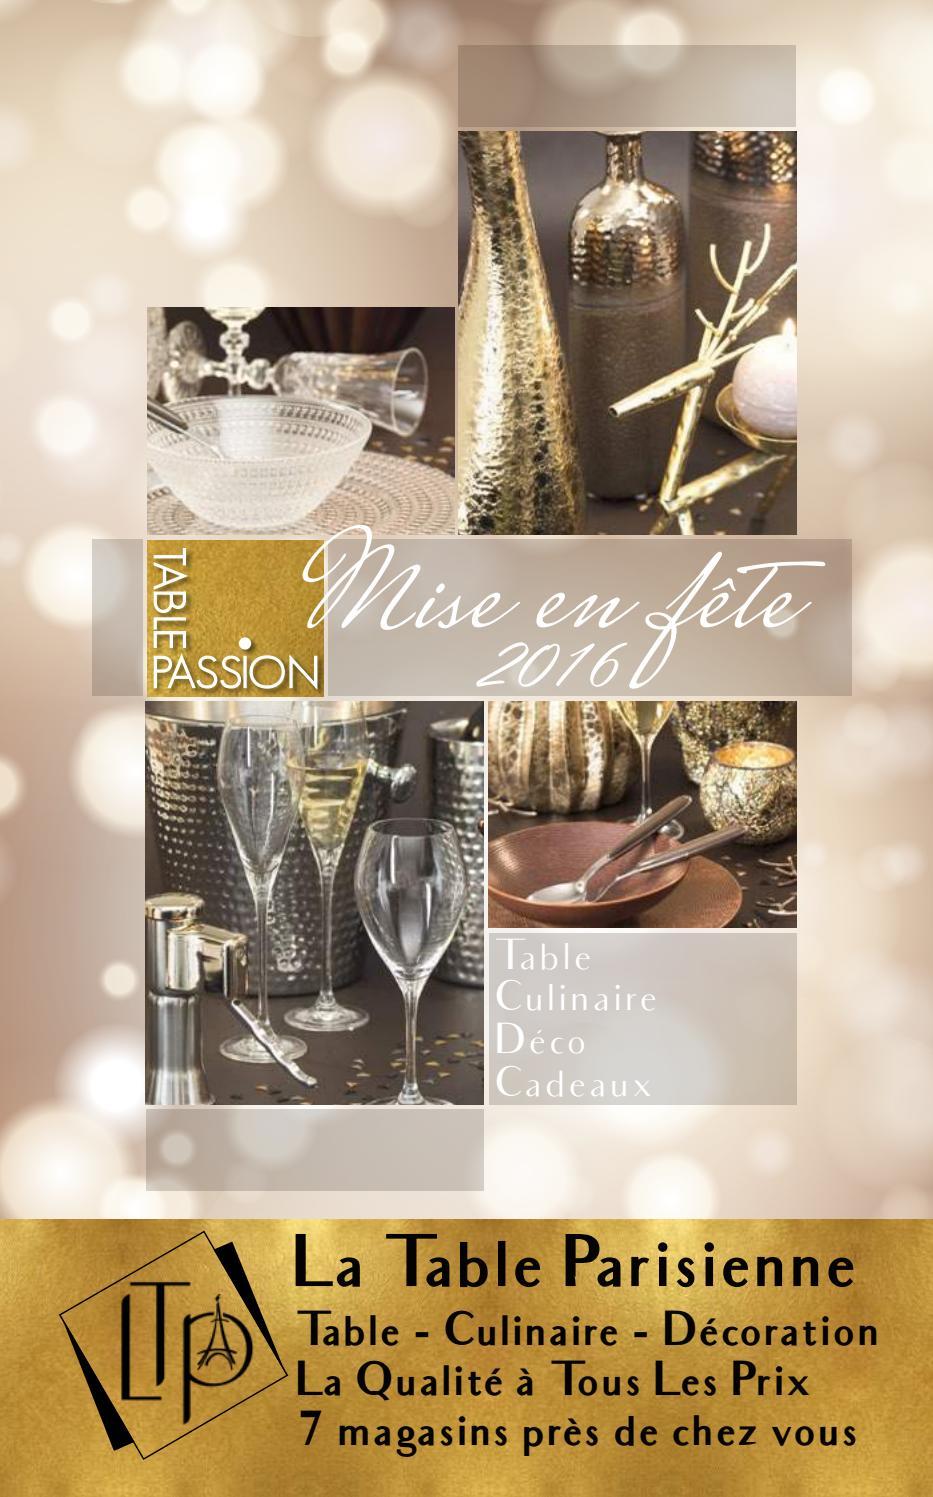 Catalogue Table Passion La Table Parisienne 2016 By Bastide